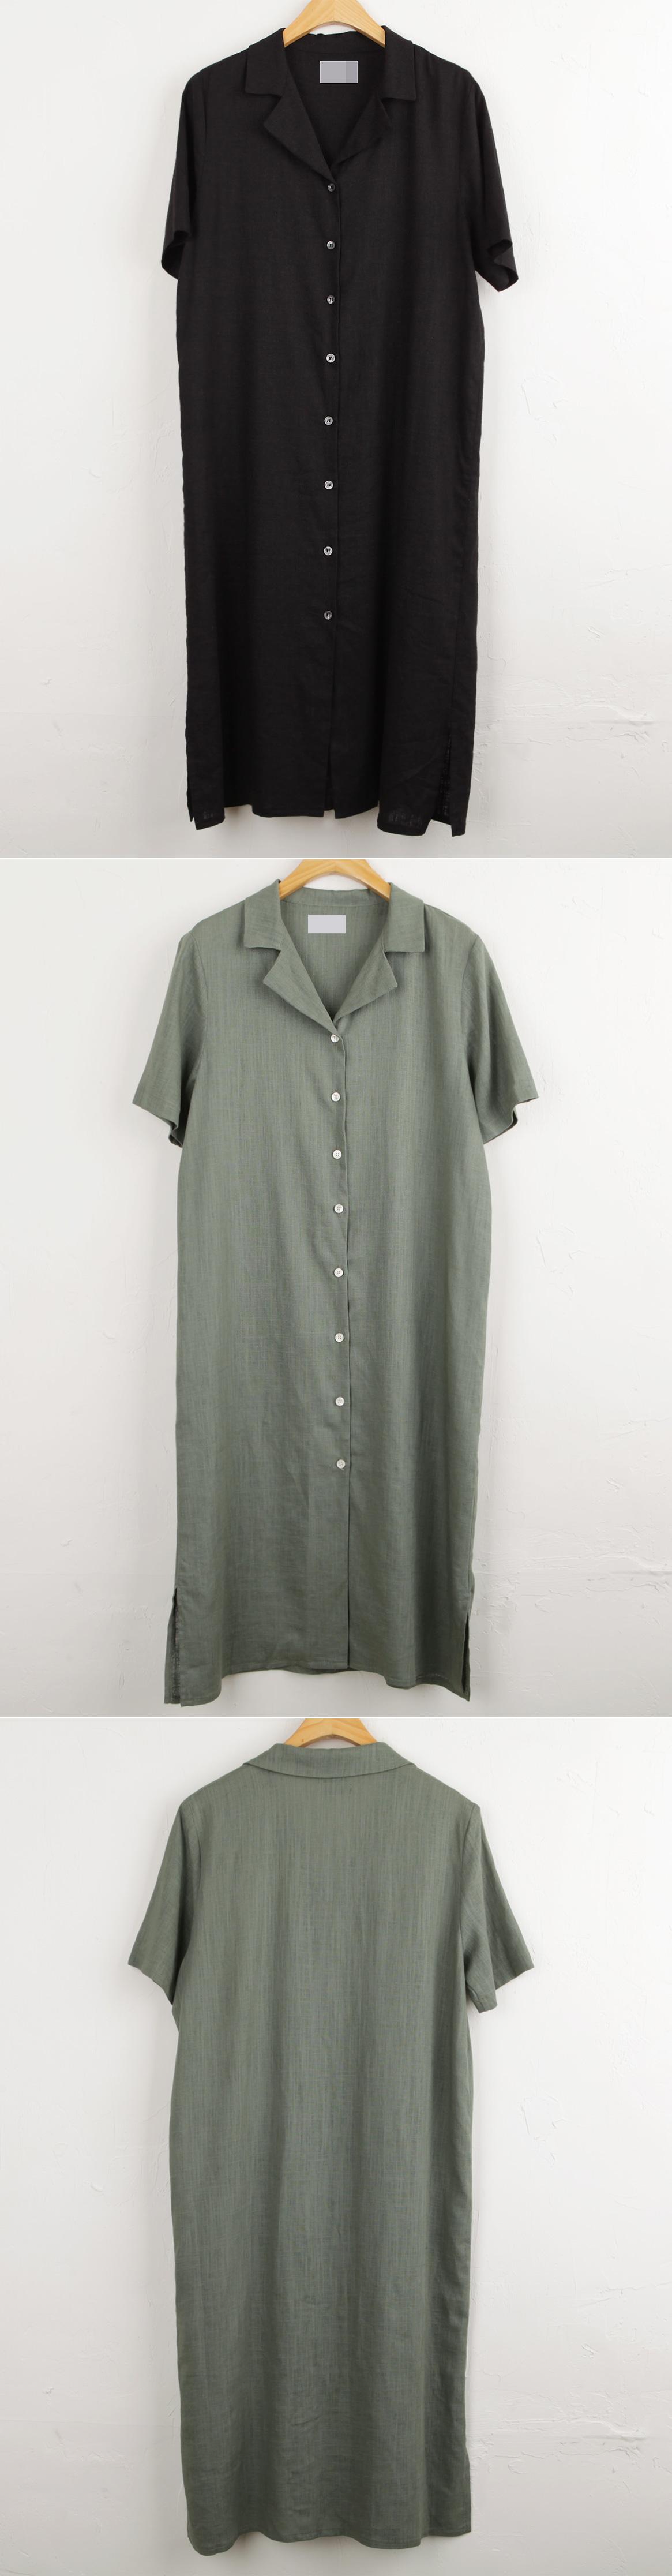 Black Modern Dress